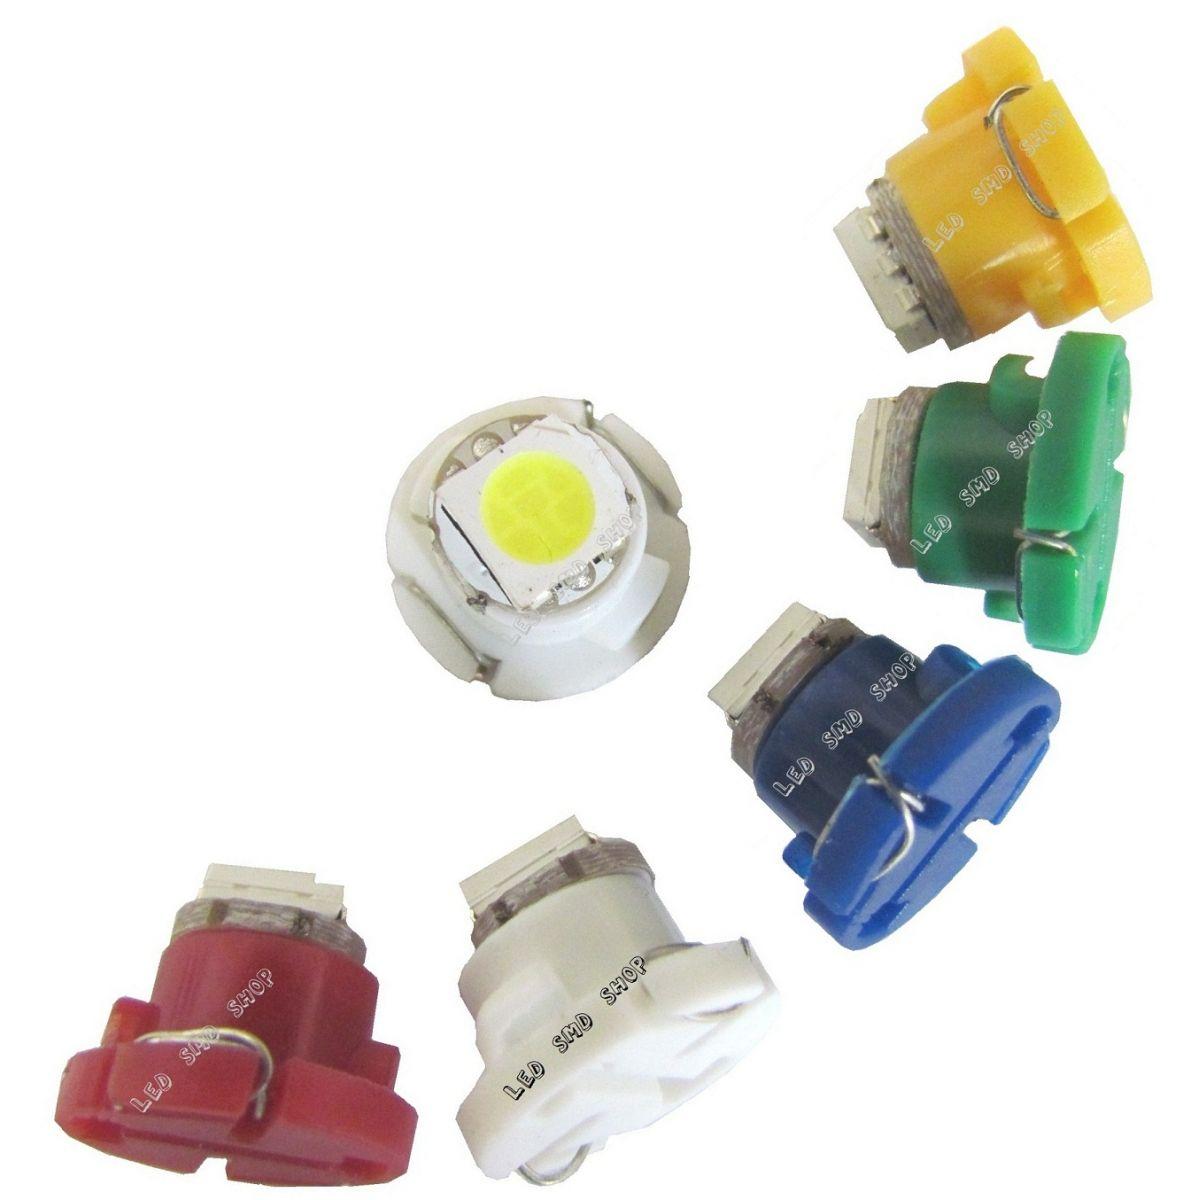 Lâmpada LED Painel T3 T4.2 T4.7